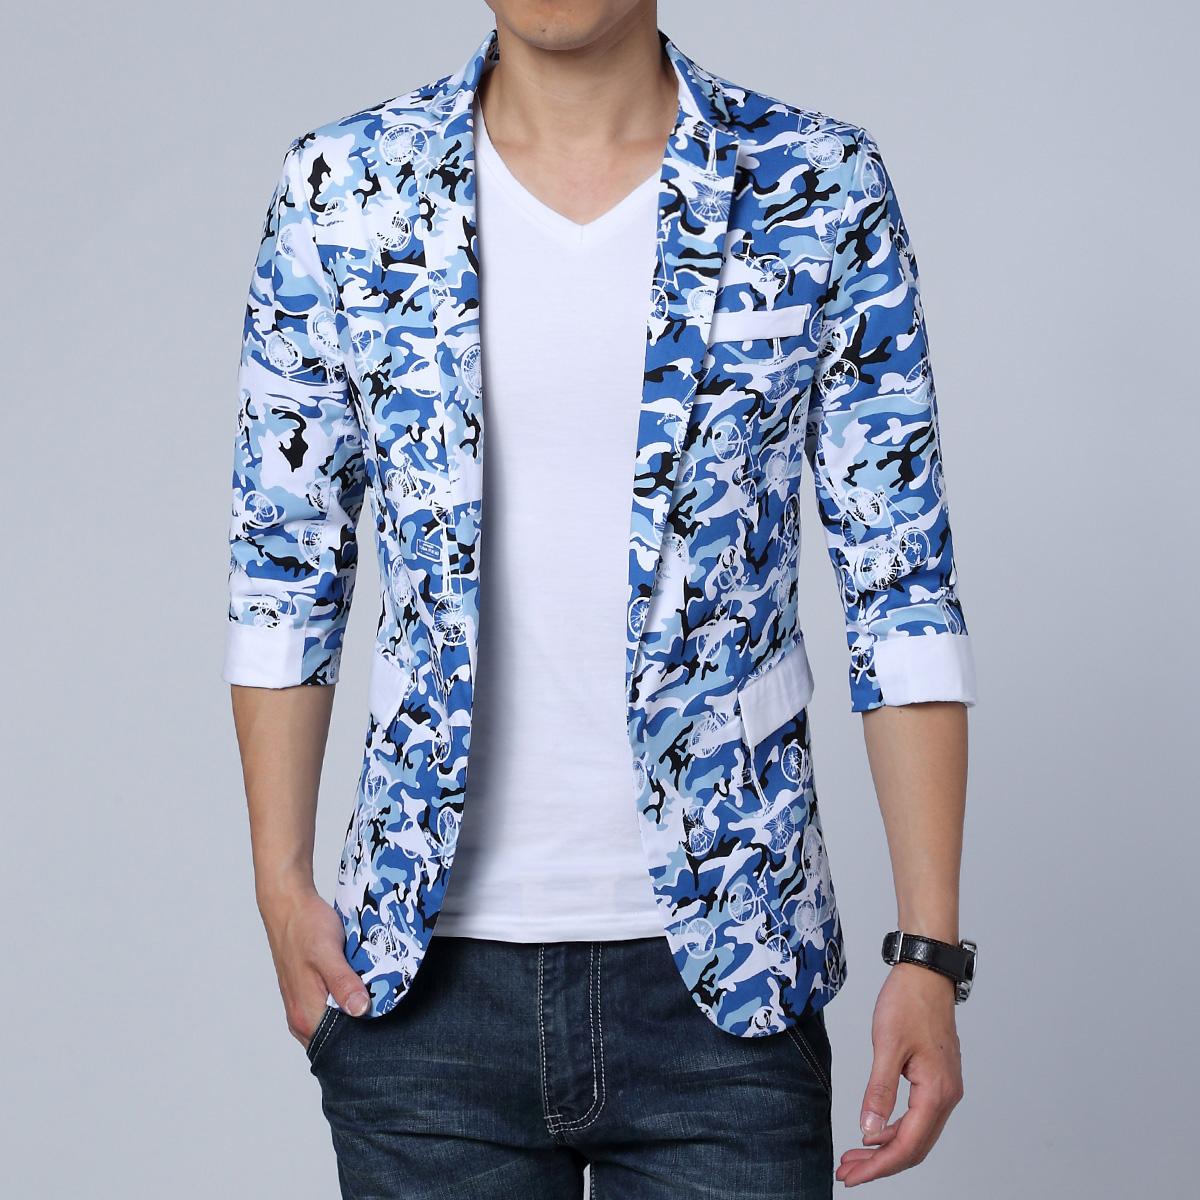 夏季男士修身迷彩西服大码休闲七分袖小西装潮QT713A-XF2001-P110